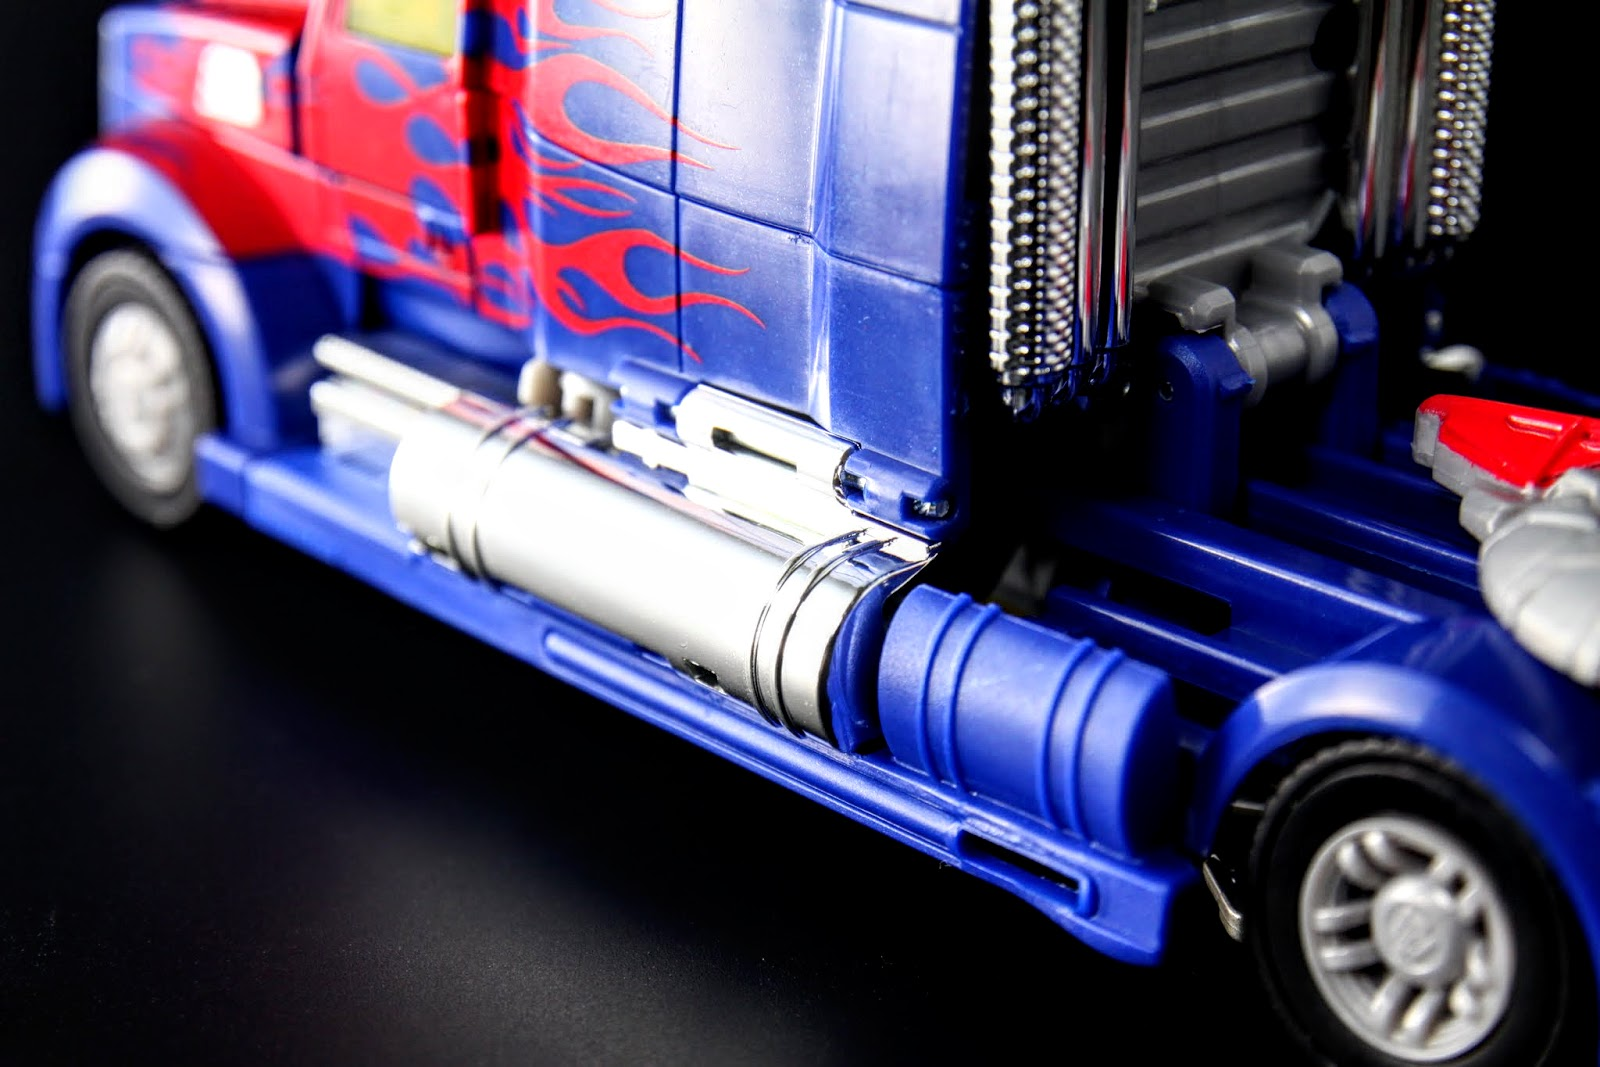 電鍍的油箱,亮到反光,已瞎